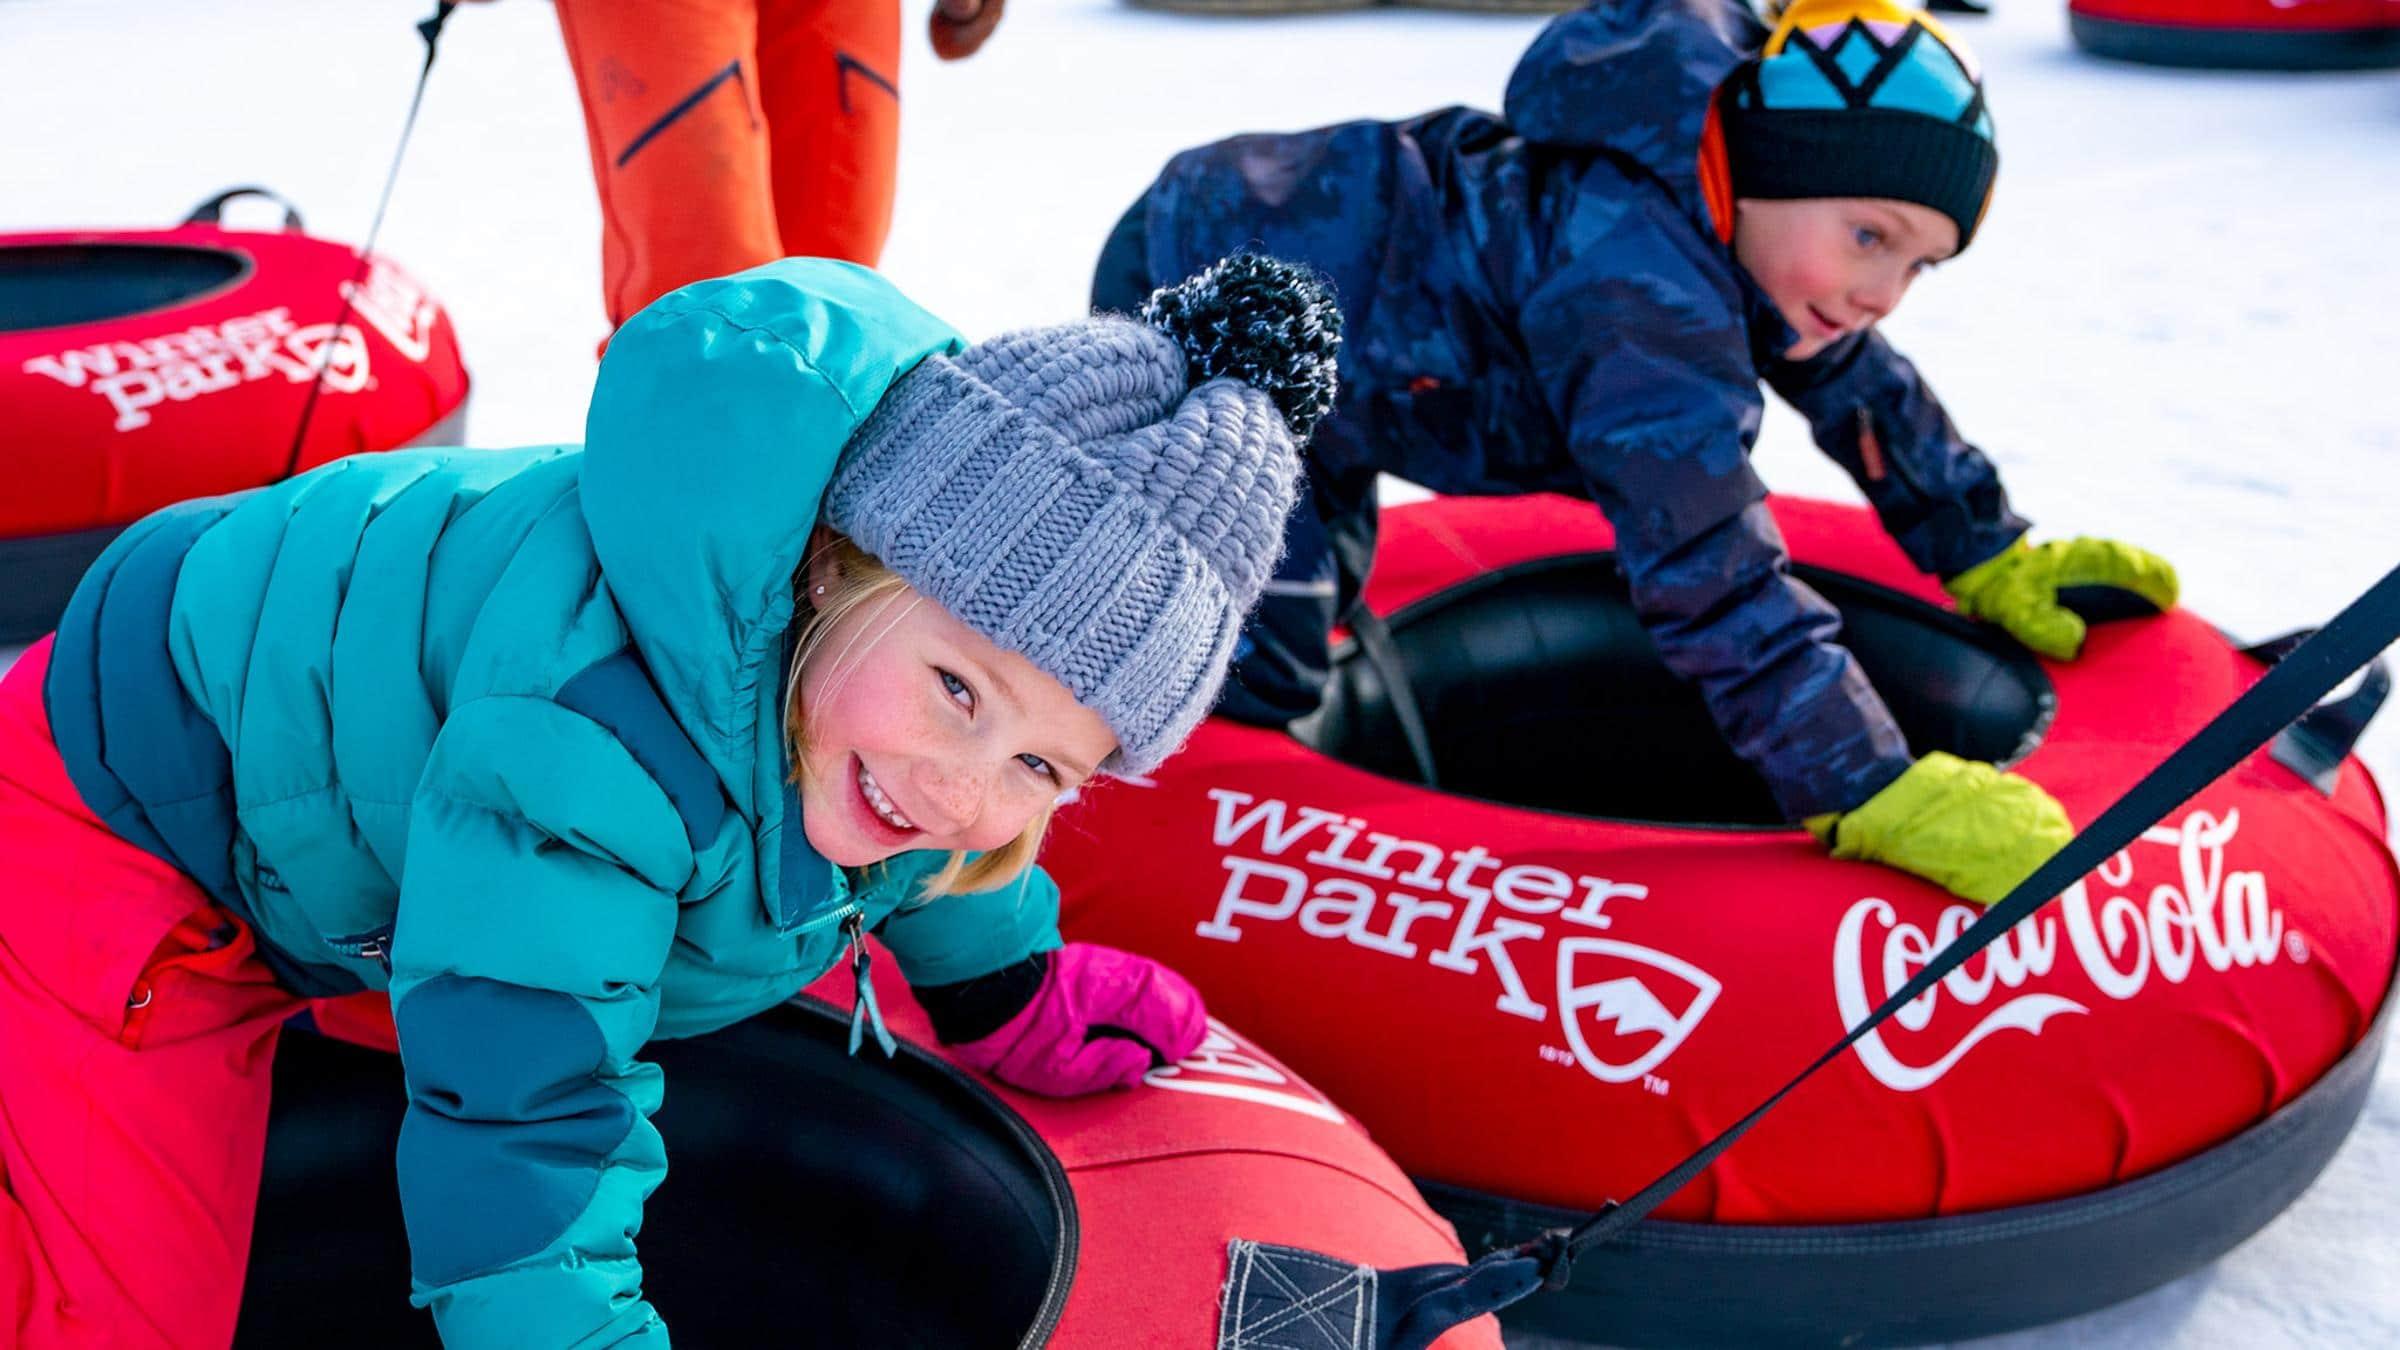 Sledding & Tubing Winter Park Grand County, CO - Melinda V Lee LIV Sotheby's Winter Park, CO phot credit Winteparkresort.com